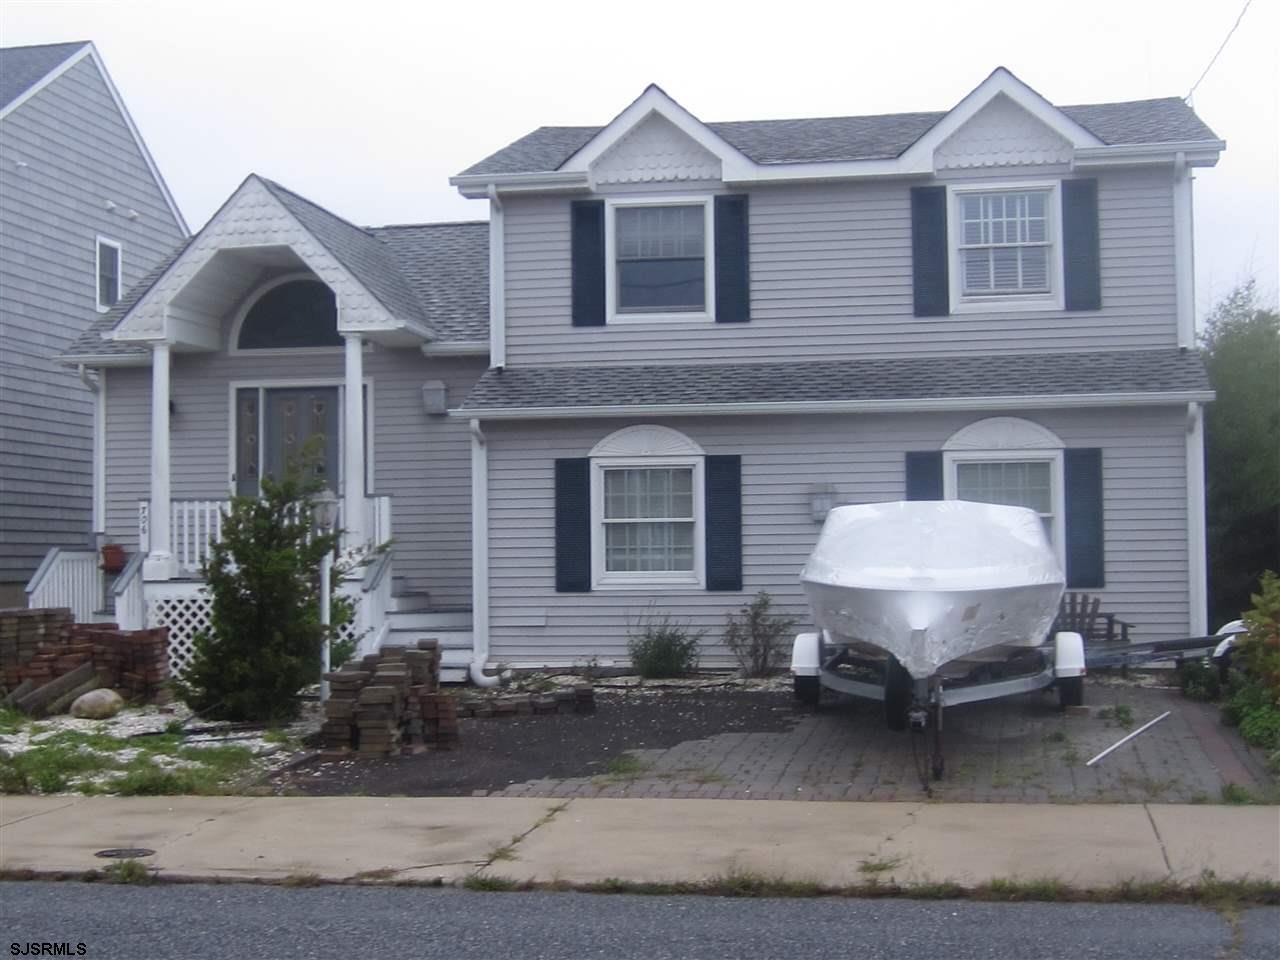 706 W Shore Dr Brigantine, NJ 08203 475417